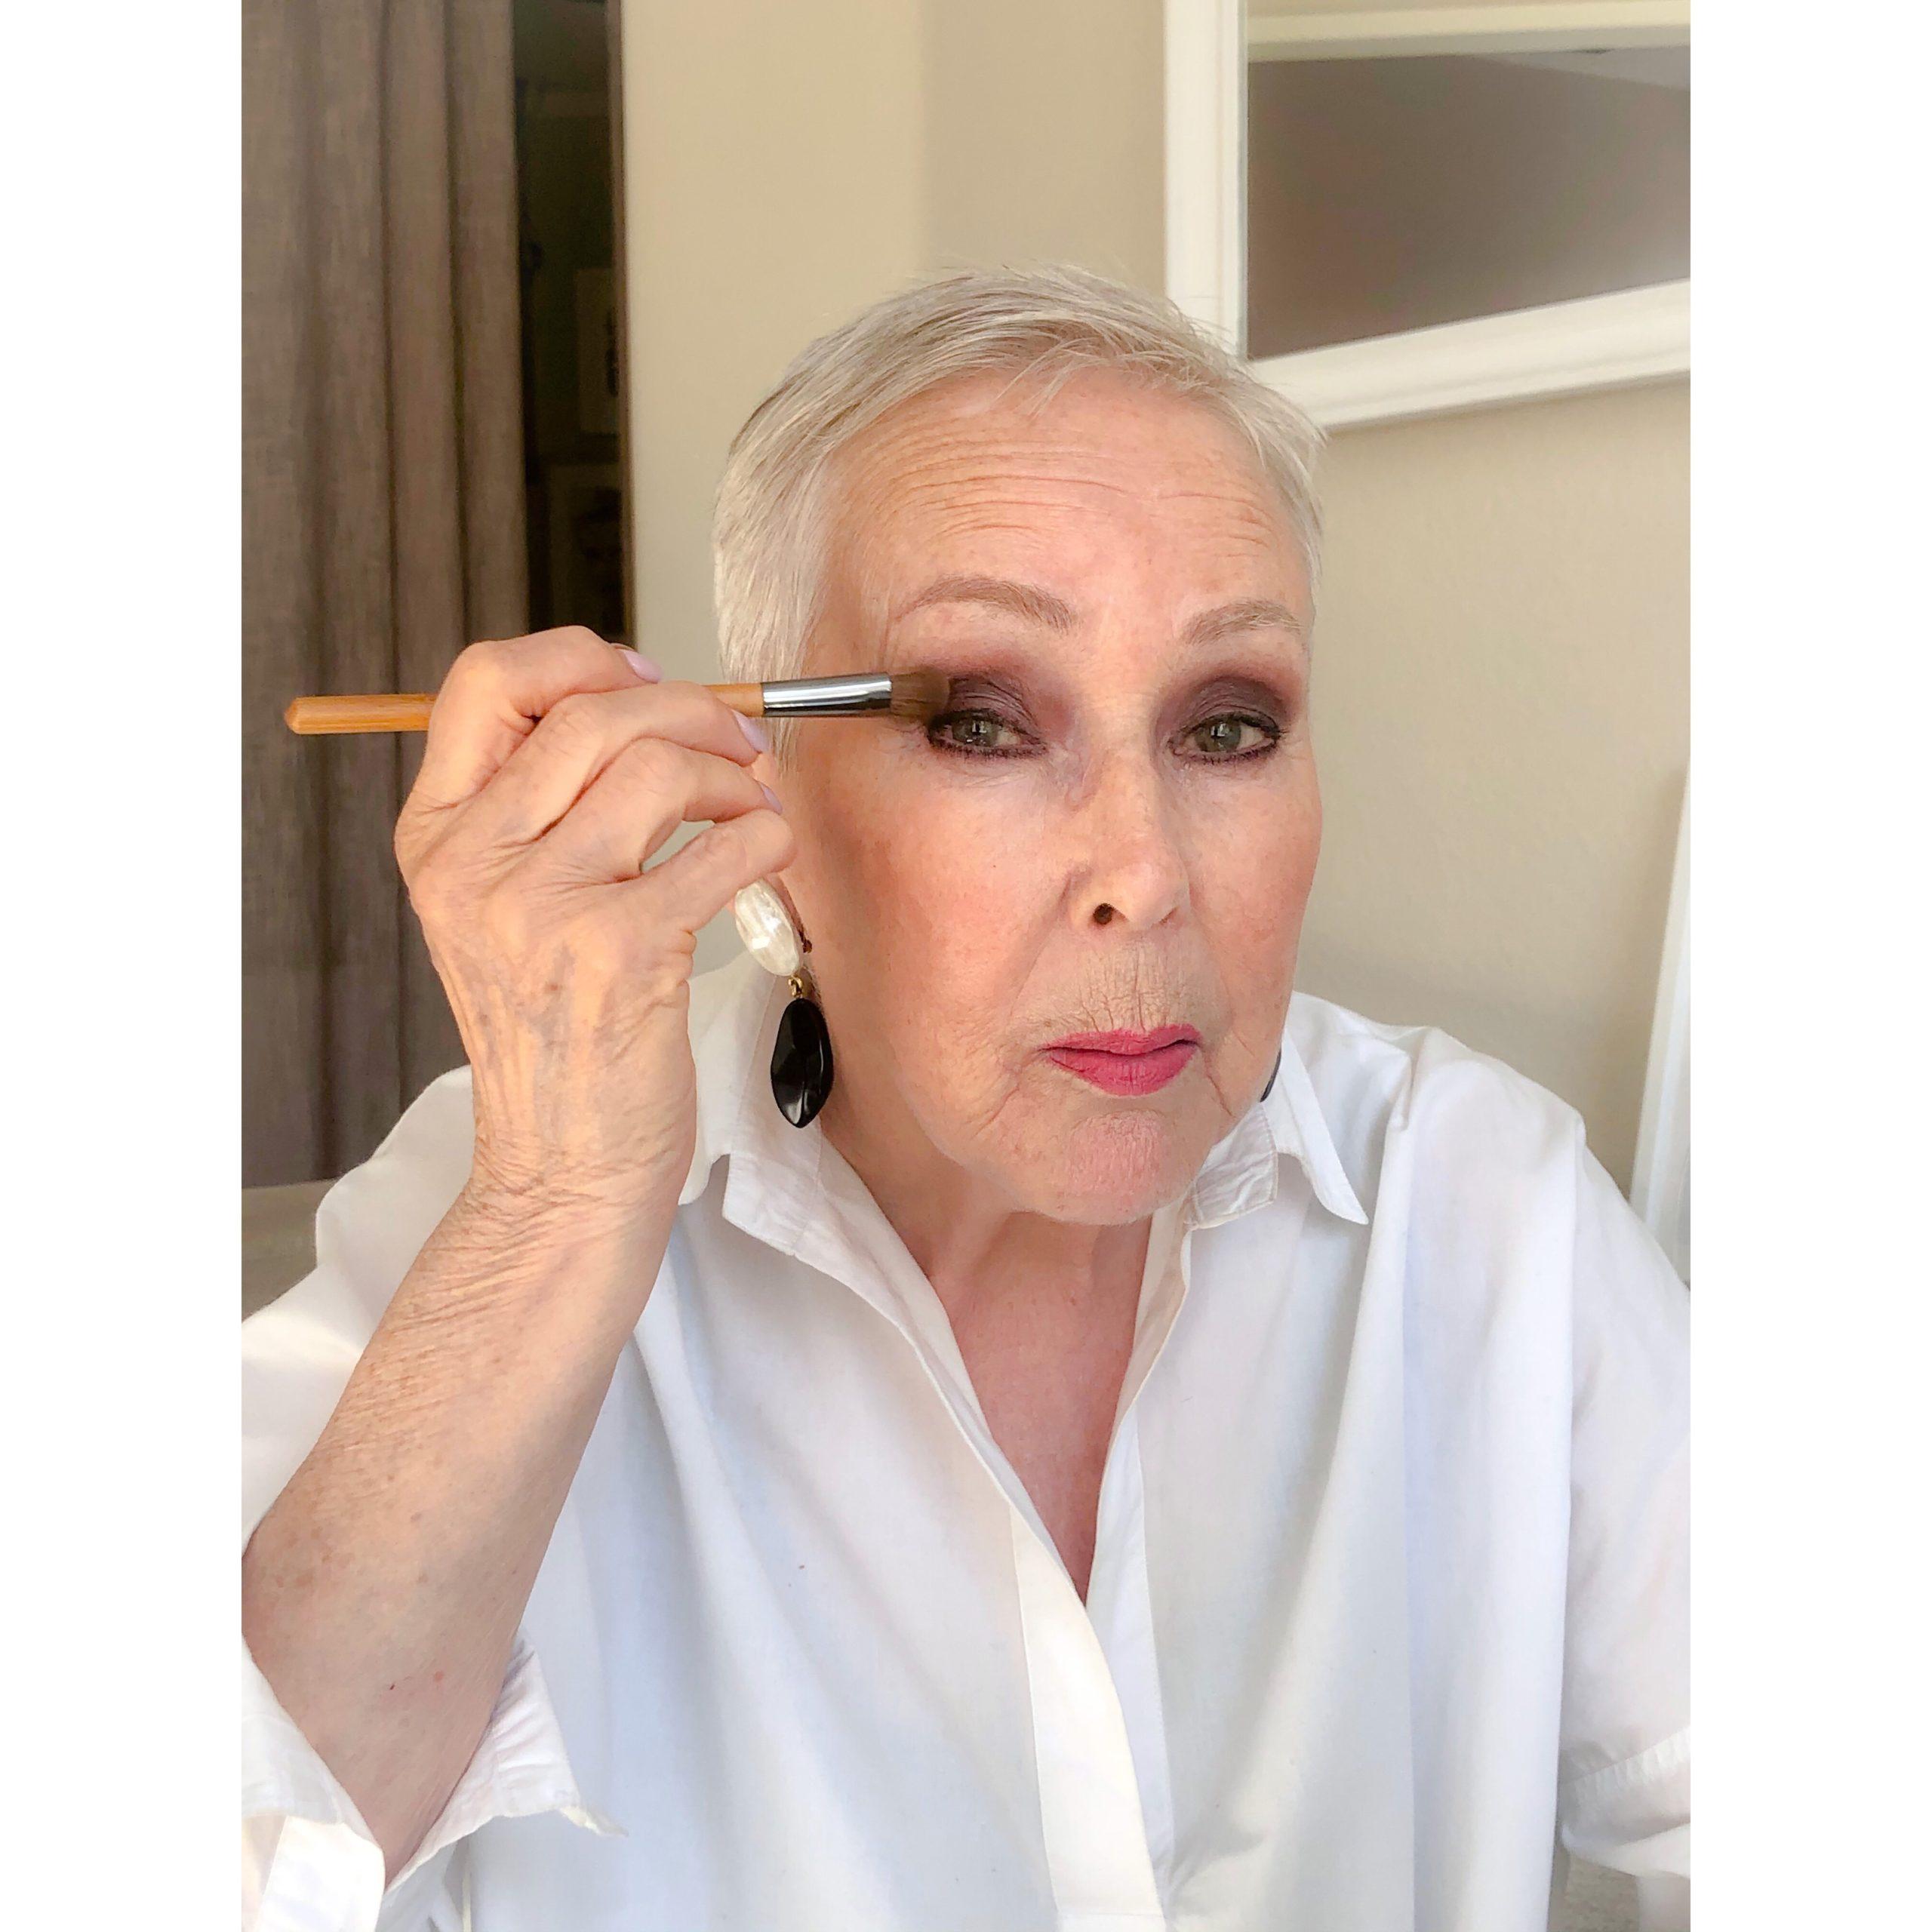 Hyvä meikkisivellin luomivärisivellin